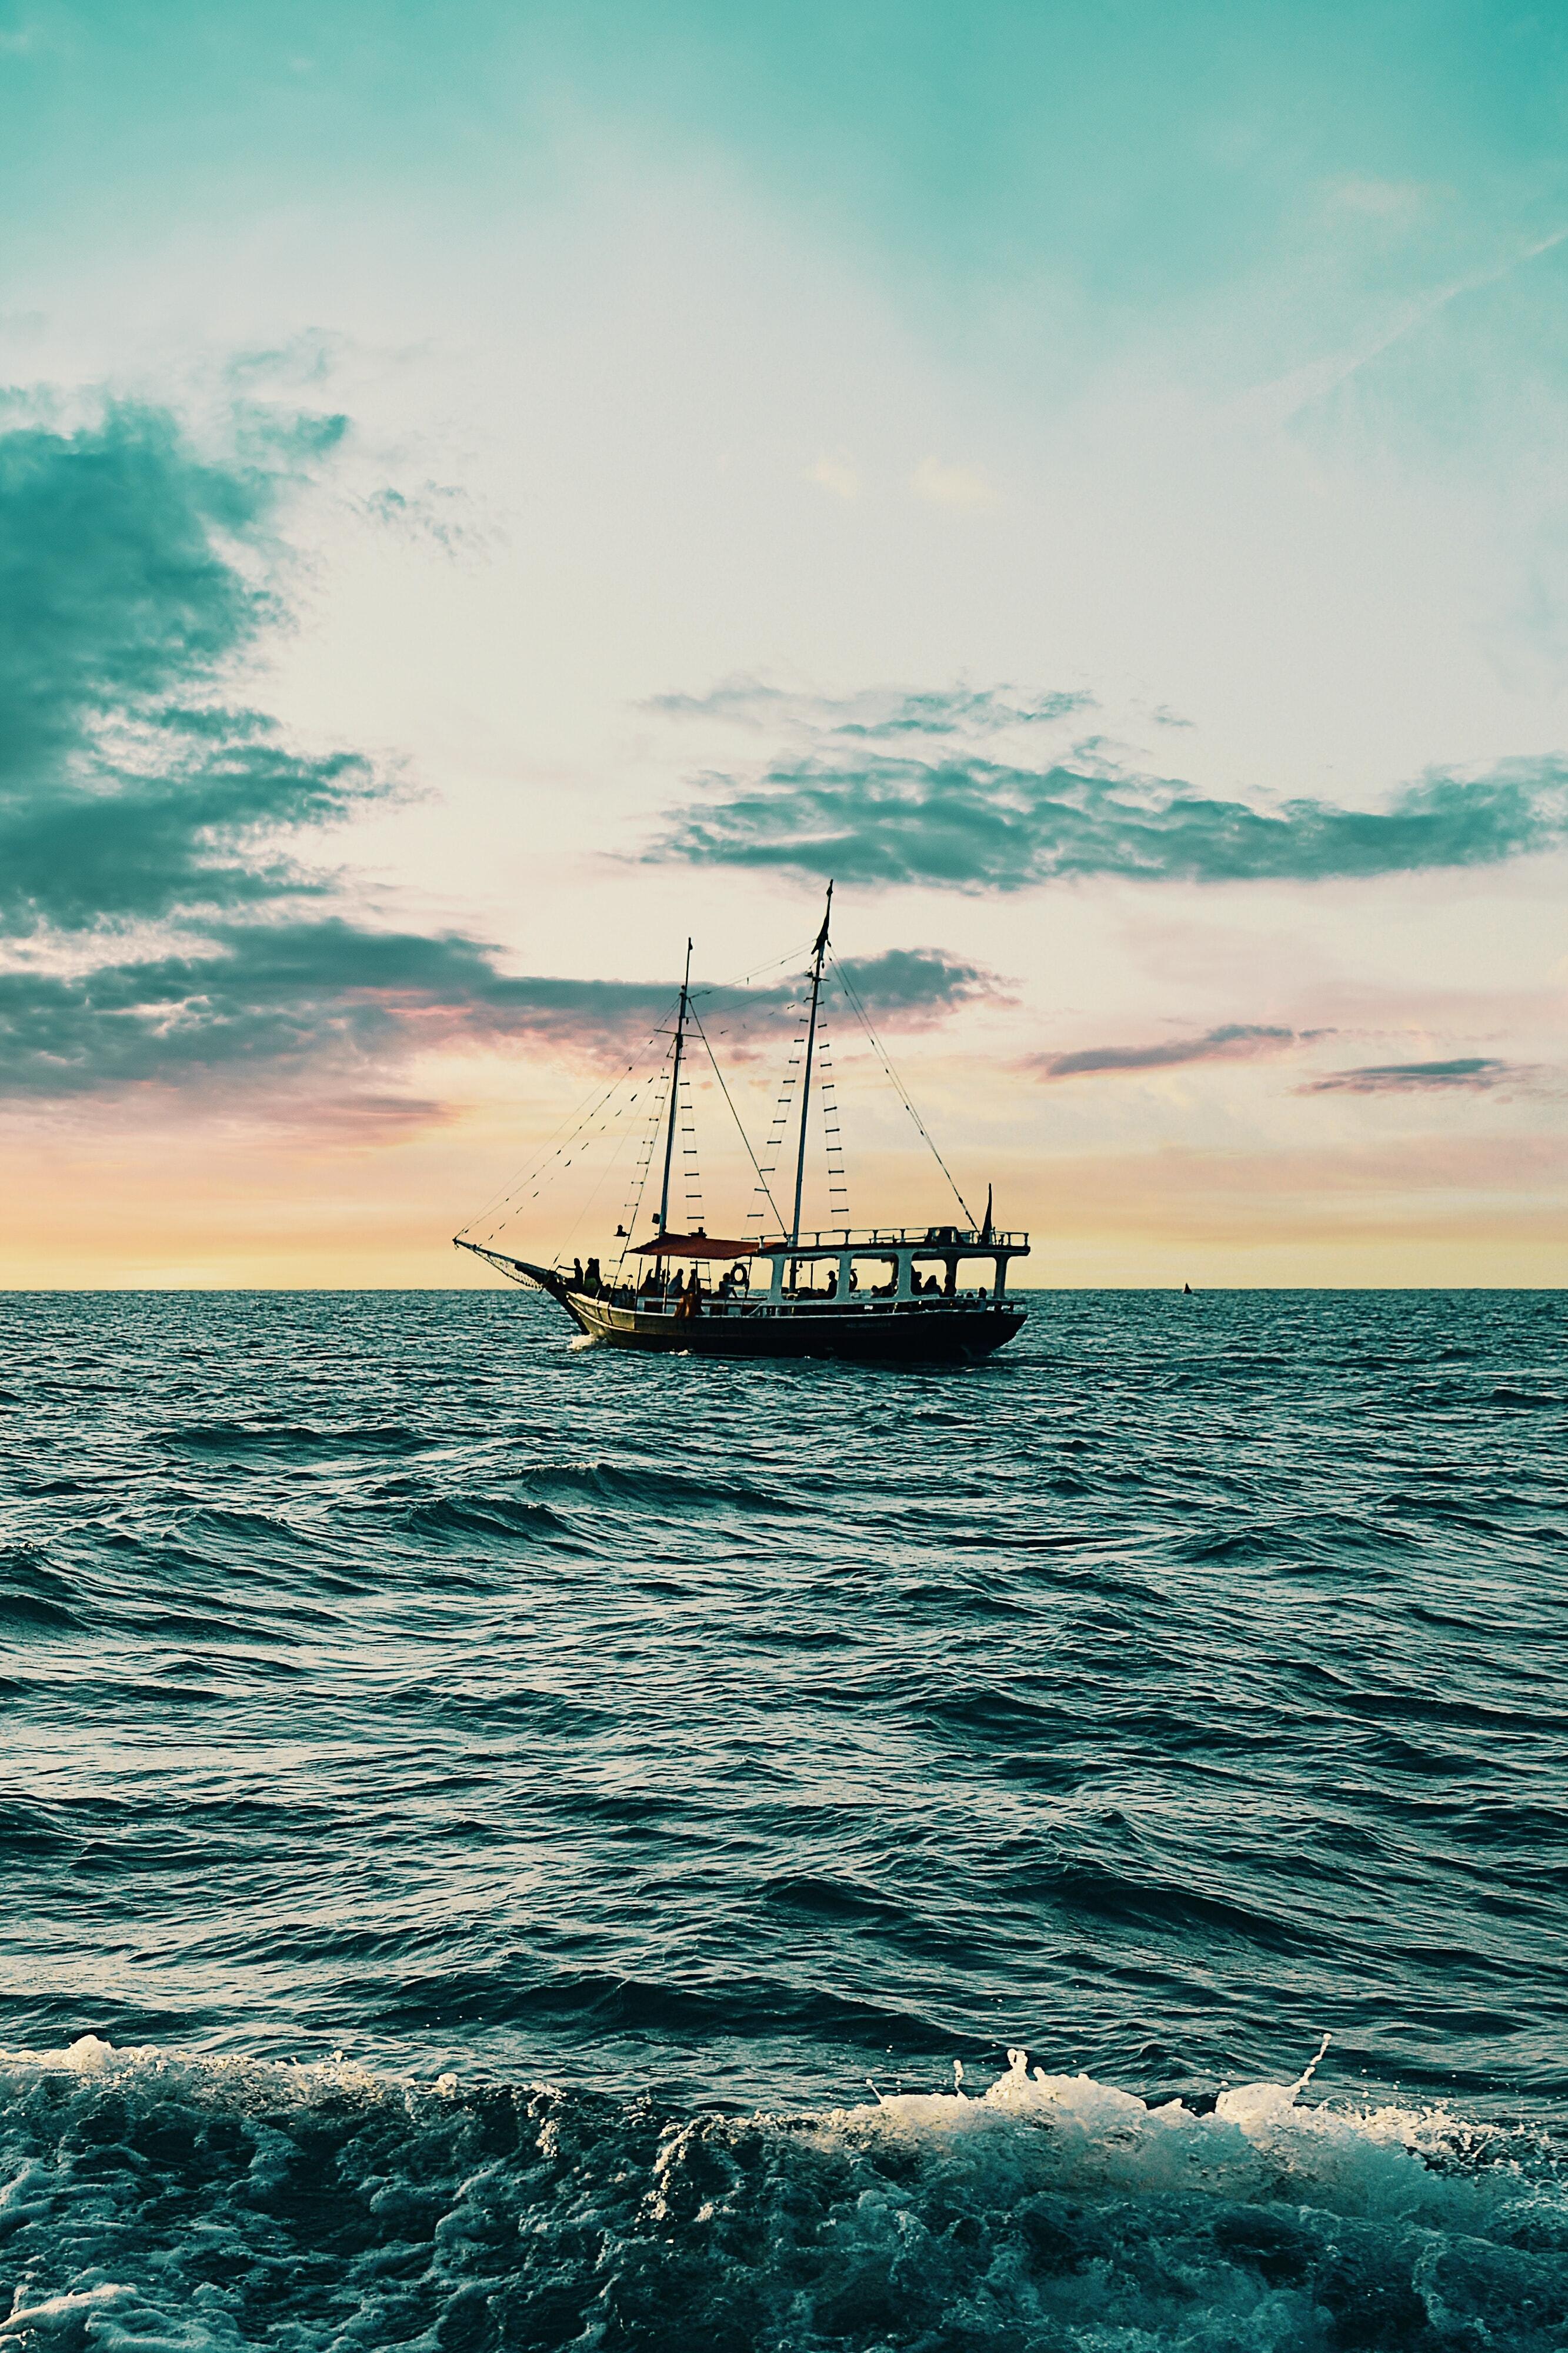 海のpc スマホ壁紙事例集 フリーで使えるおしゃれで高画質な画像まとめ